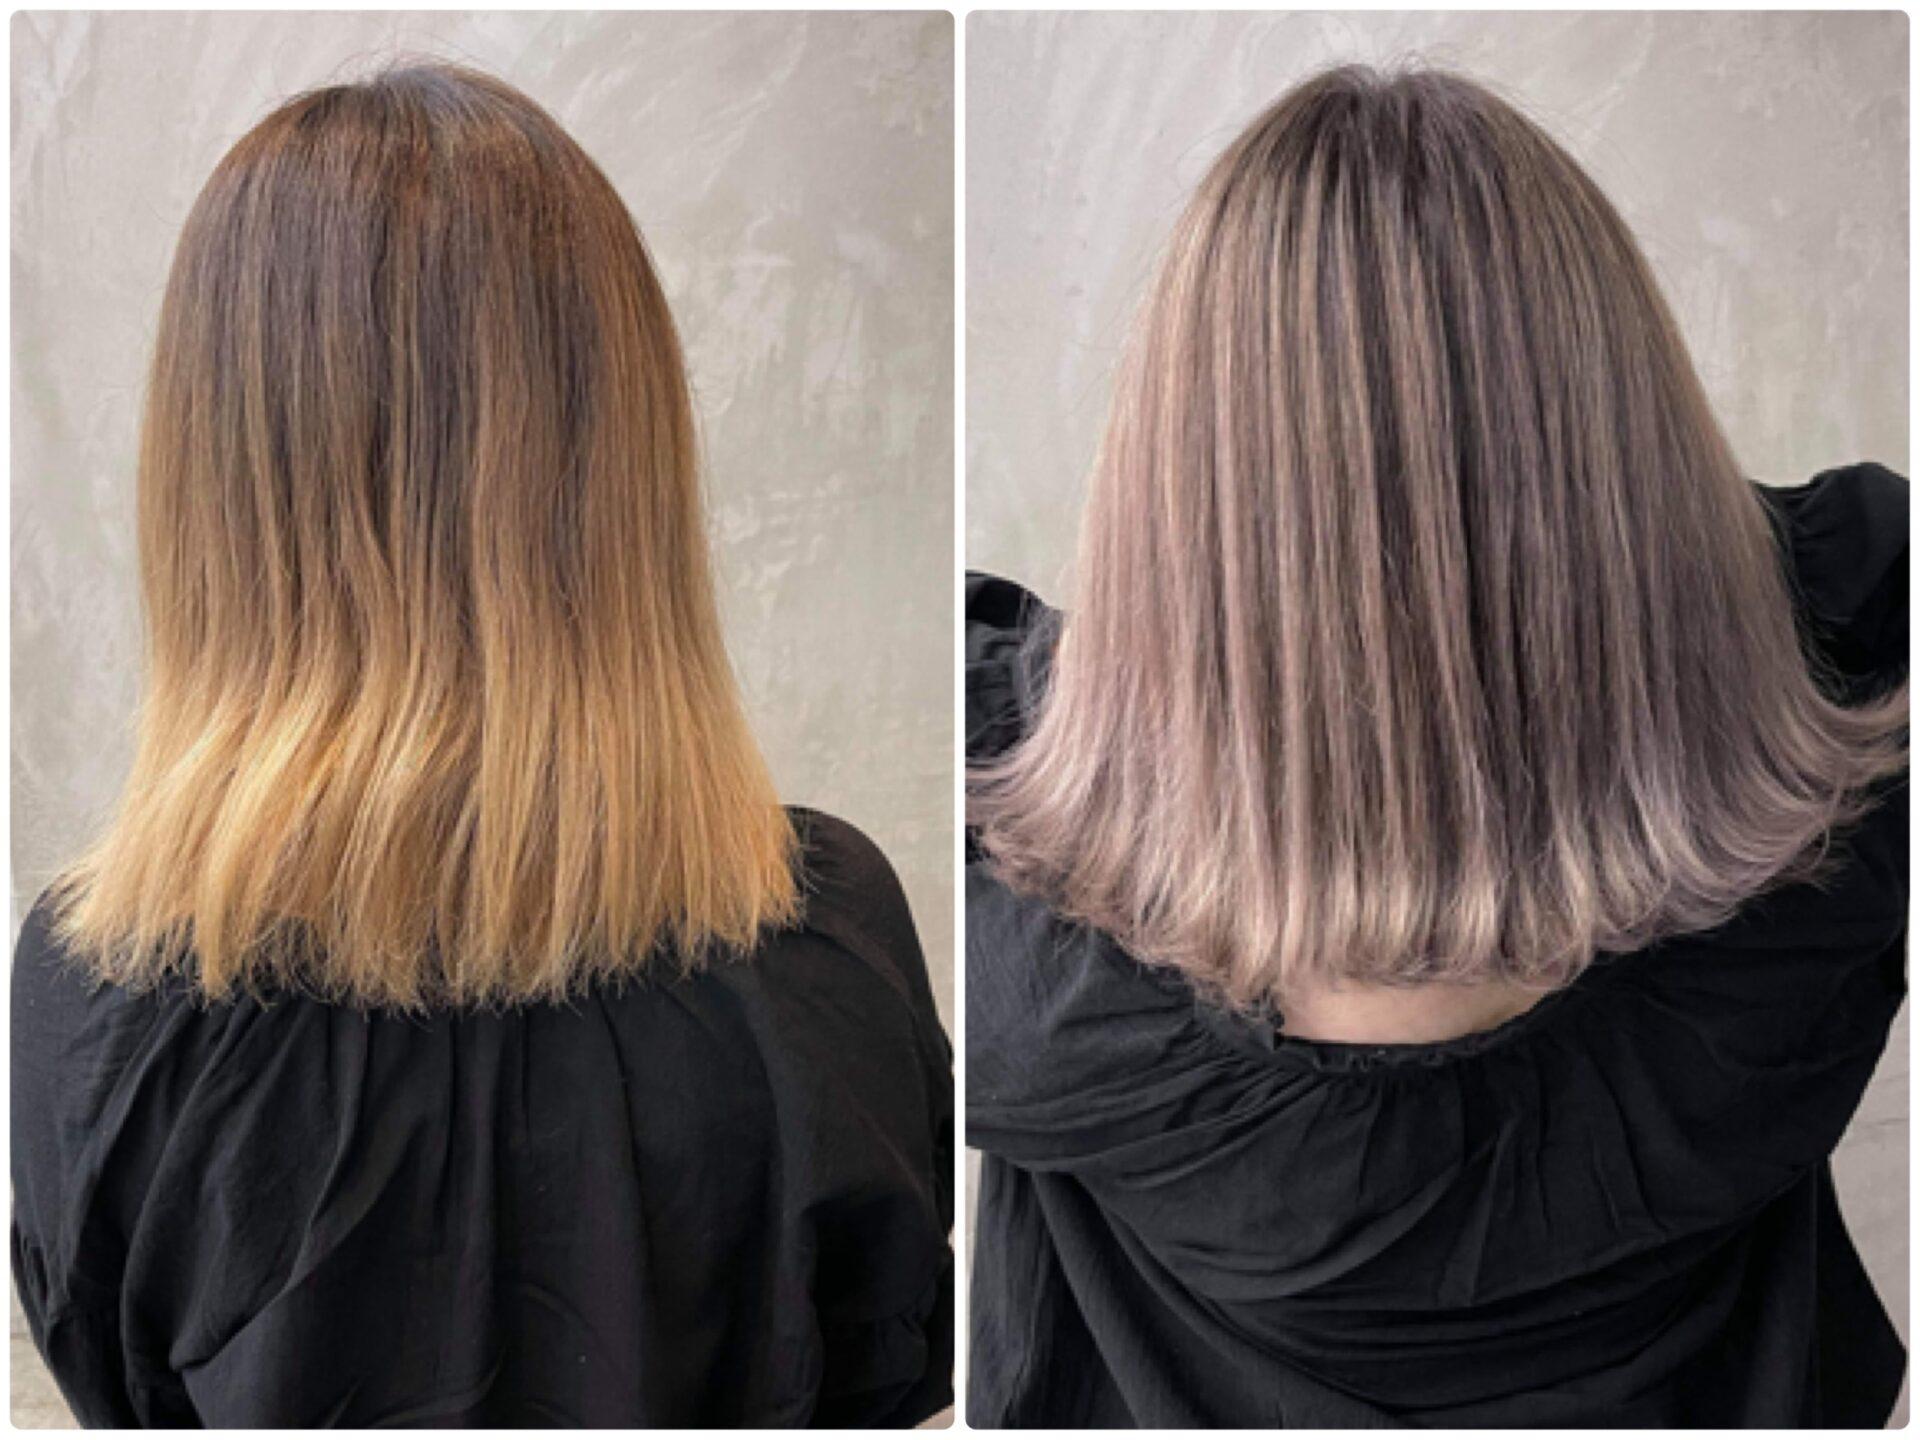 ミディアム バレイヤージュの髪型・髪色